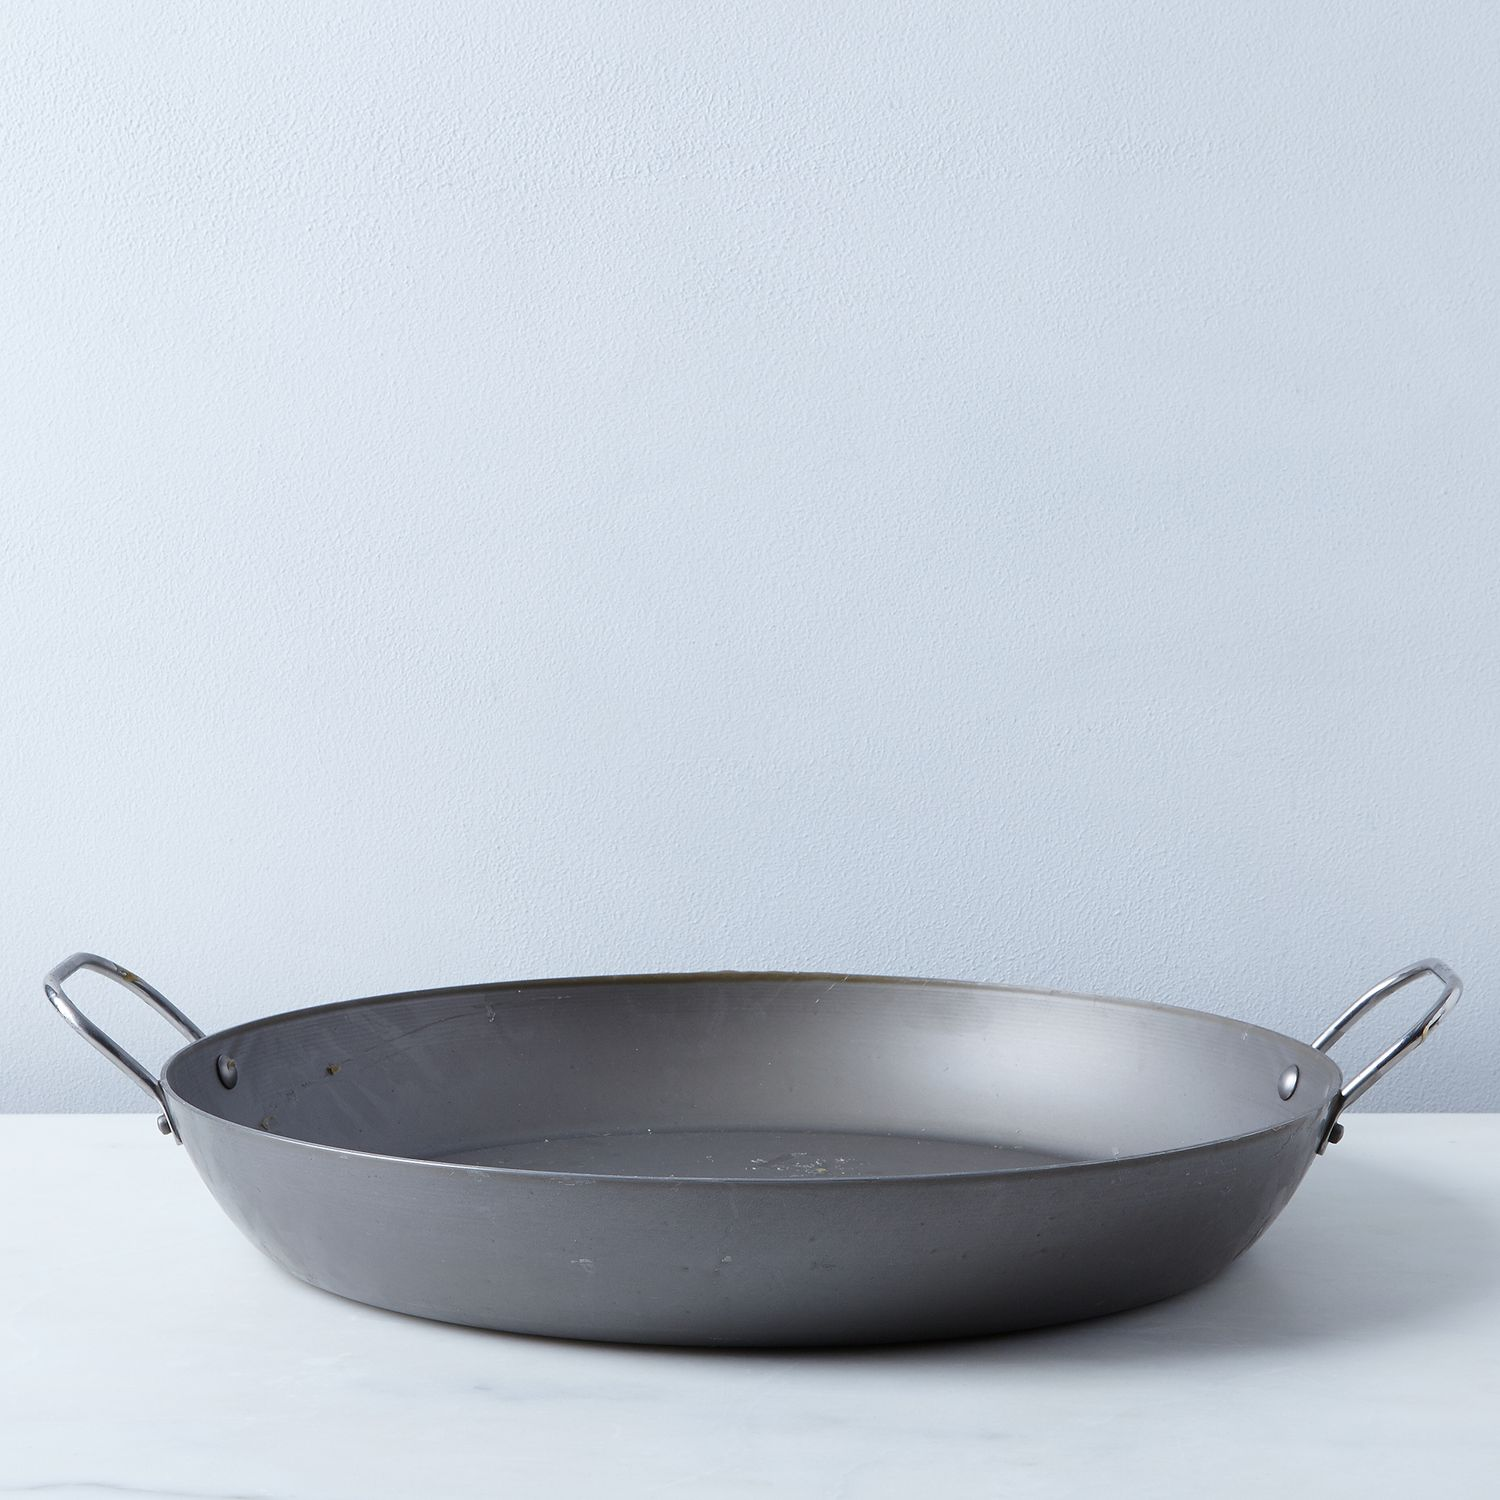 Mauviel M Steel Paella Pan On Food52